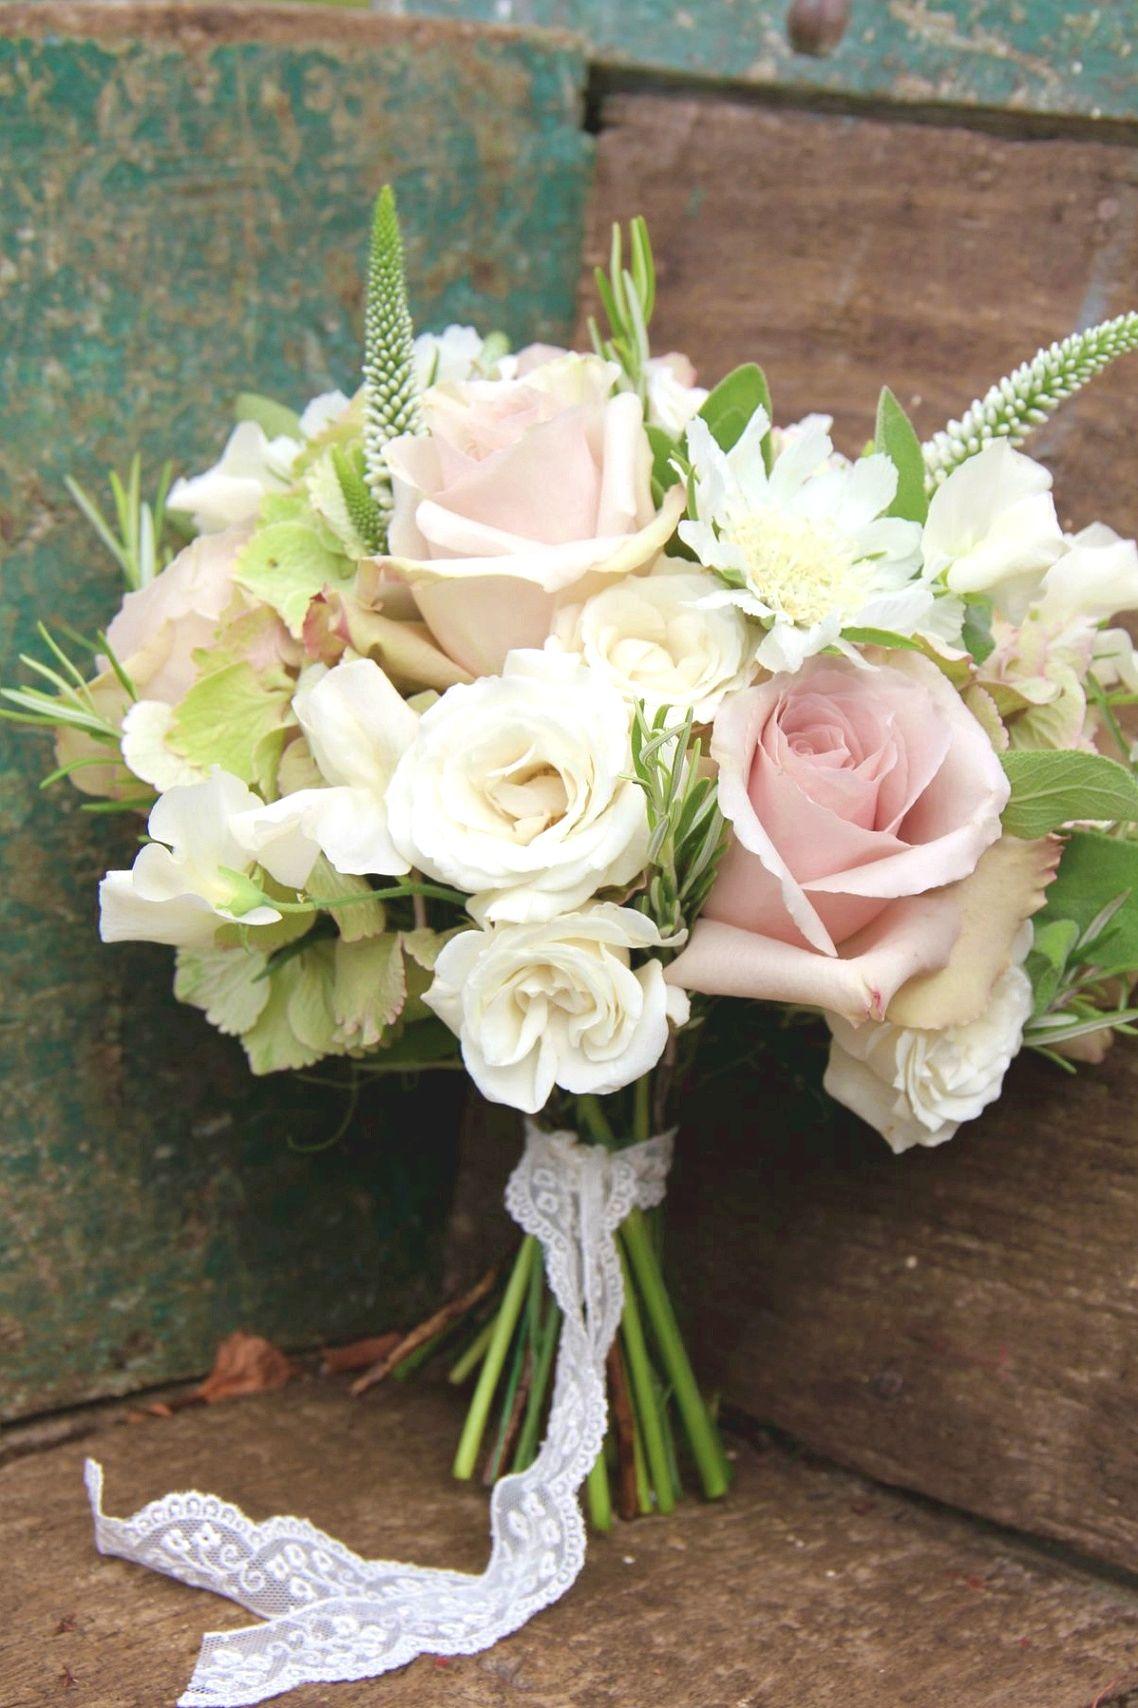 The Best Wedding Flower Arrangement Ideas Flower Bouquet Wedding Vintage Wedding Flowers Neutral Wedding Flowers